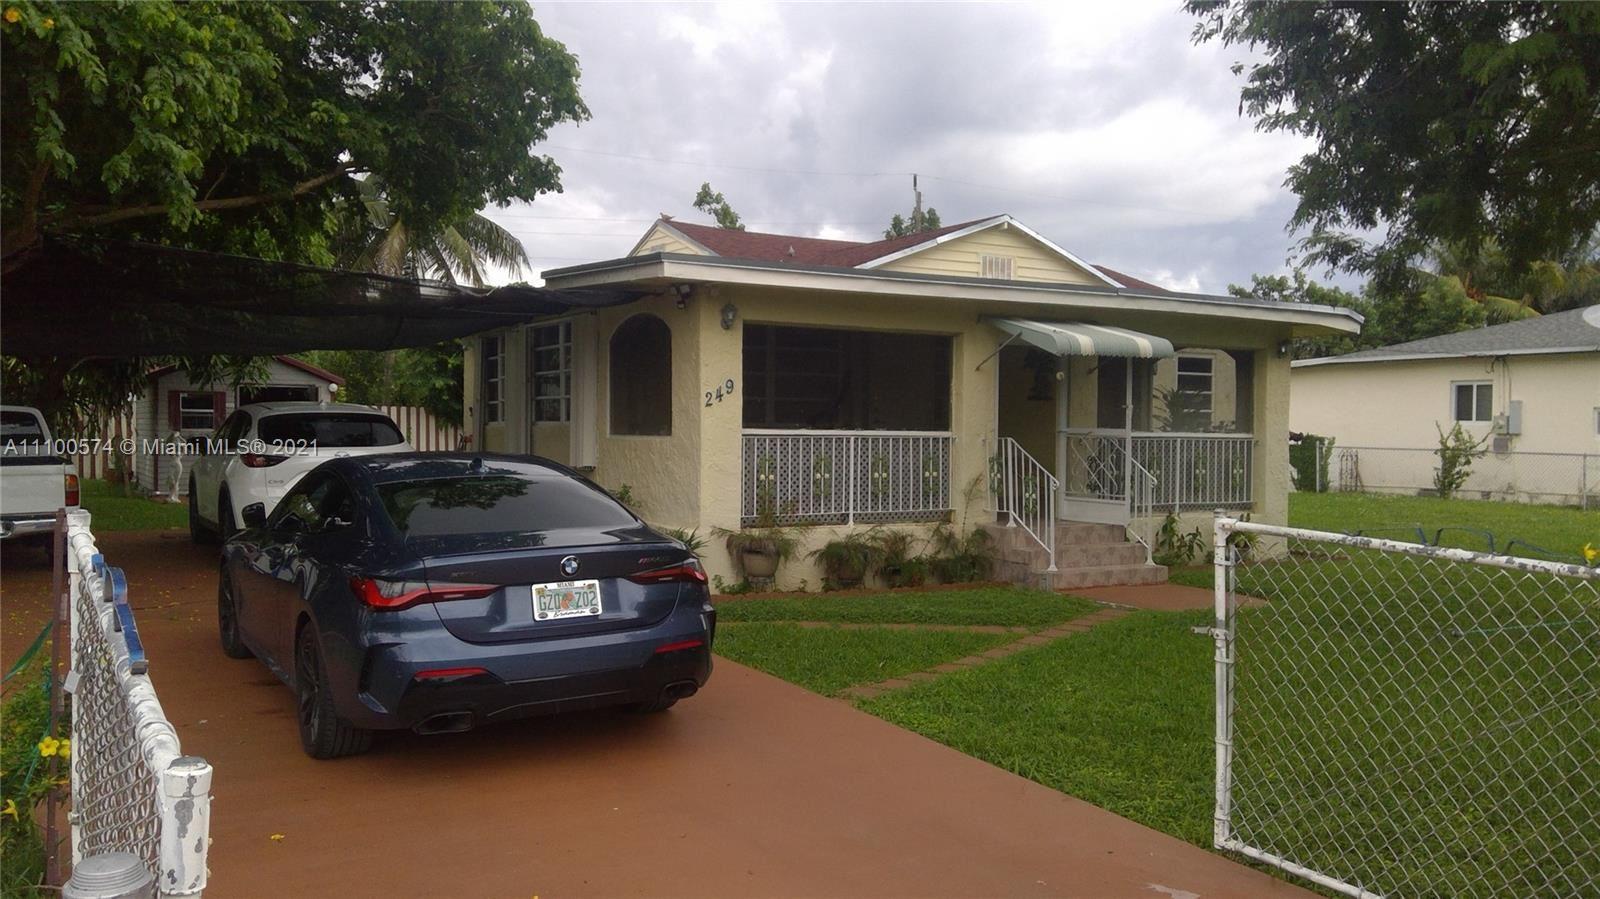 249 NW 99th St, Miami, FL 33150 - #: A11100574